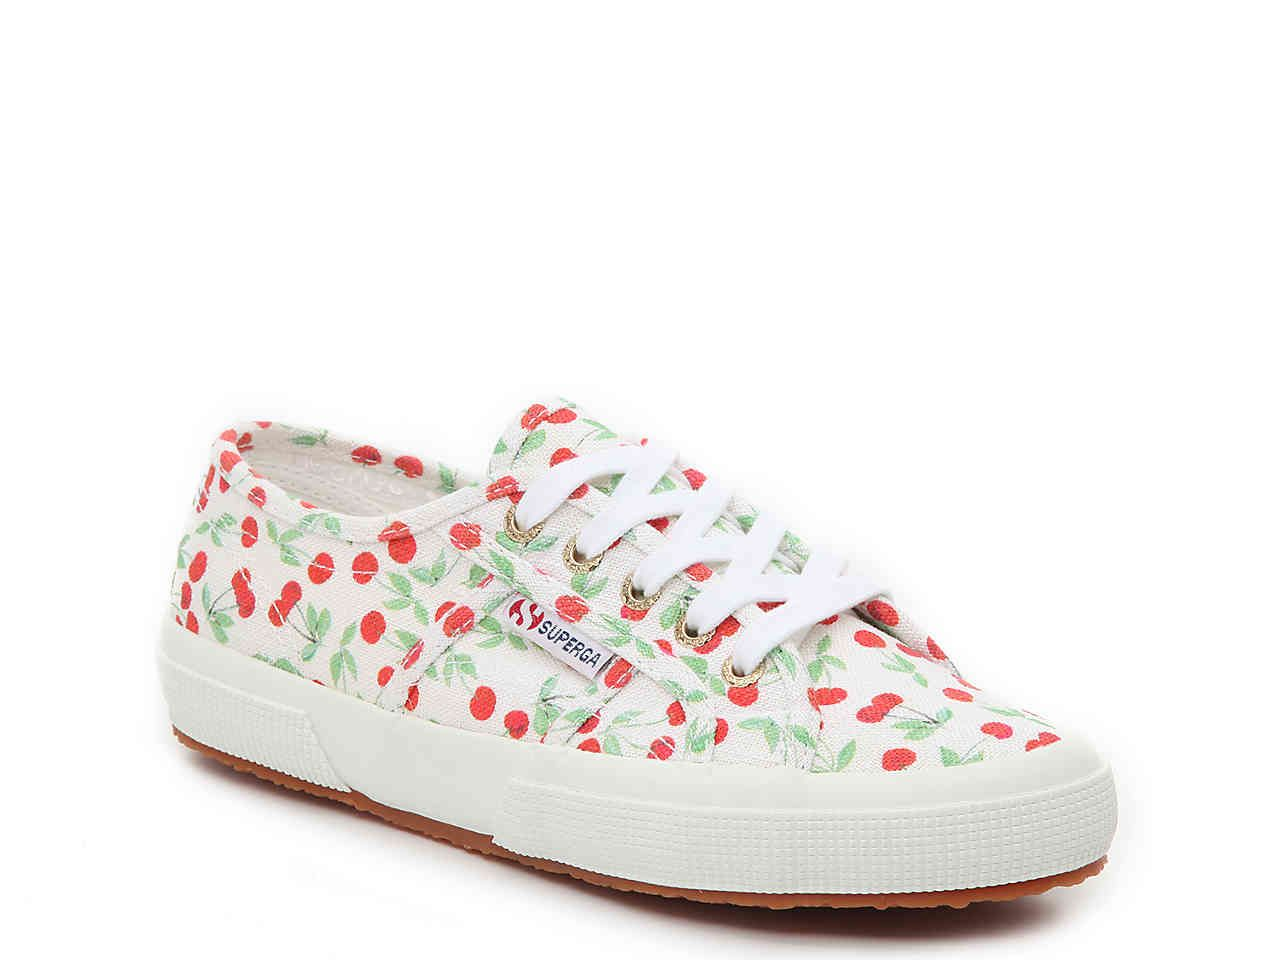 Superga 2750 Linen Sneaker Women's